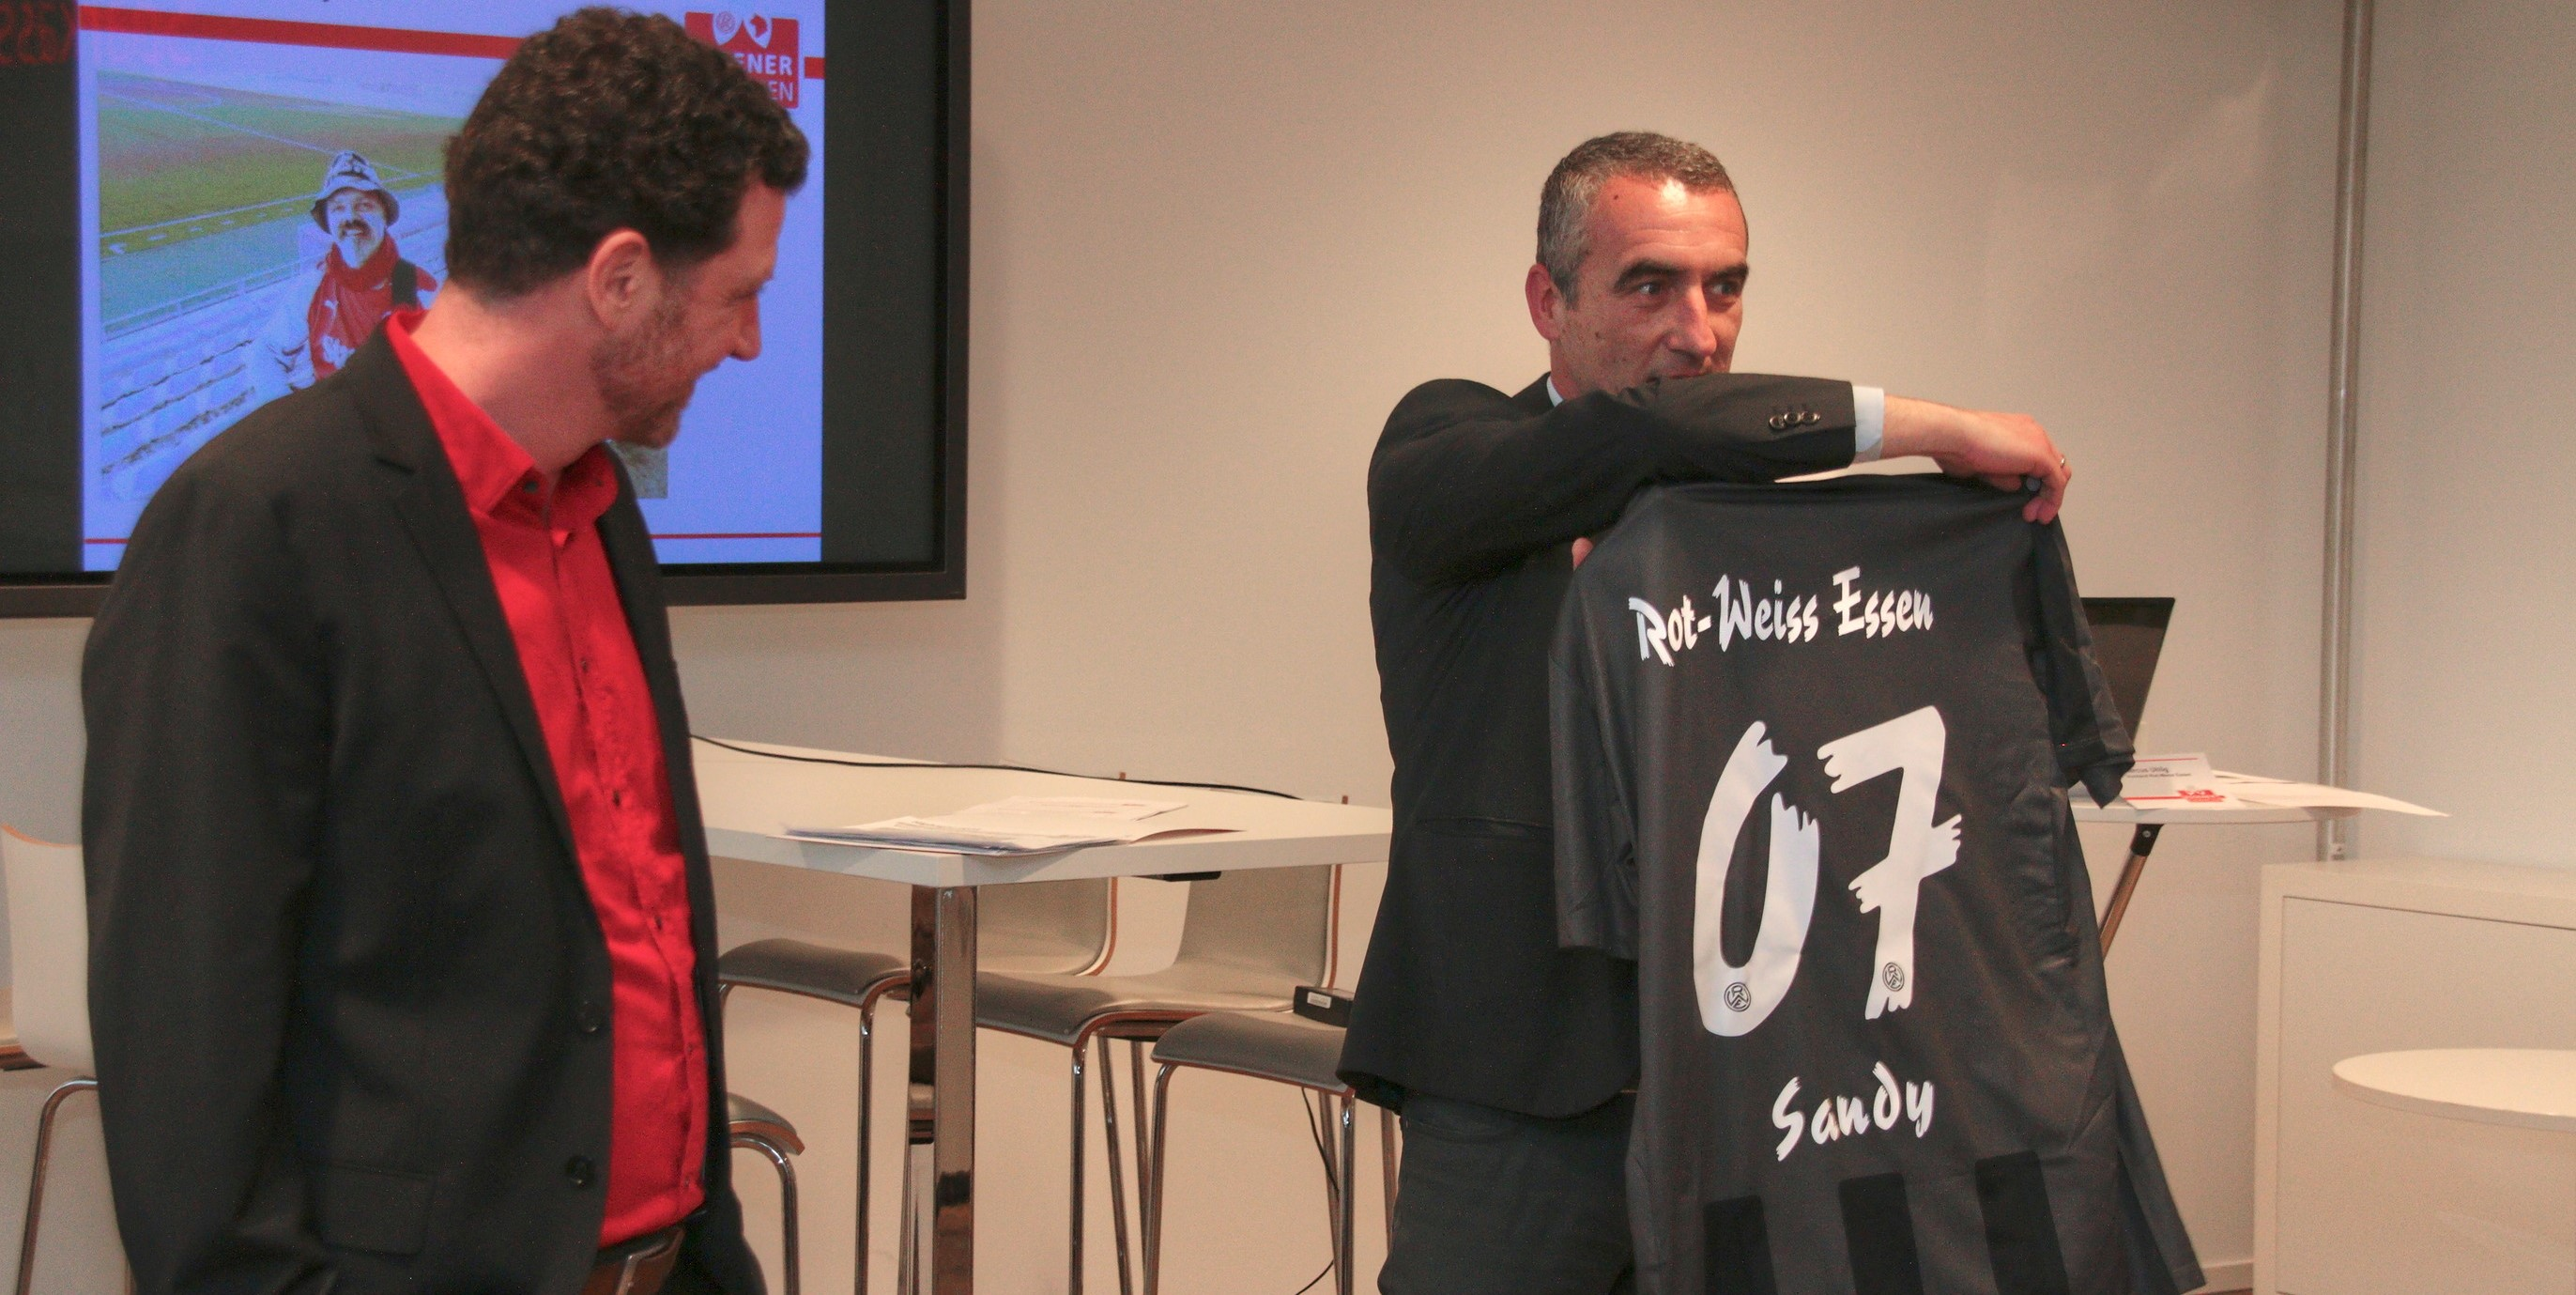 """Symbolische Trikotübergabe: Tani Capitain (l.) und Marcus Uhlig ehren den Einsatz von""""Sandy"""" Sandgathe. (Foto: Müller)"""